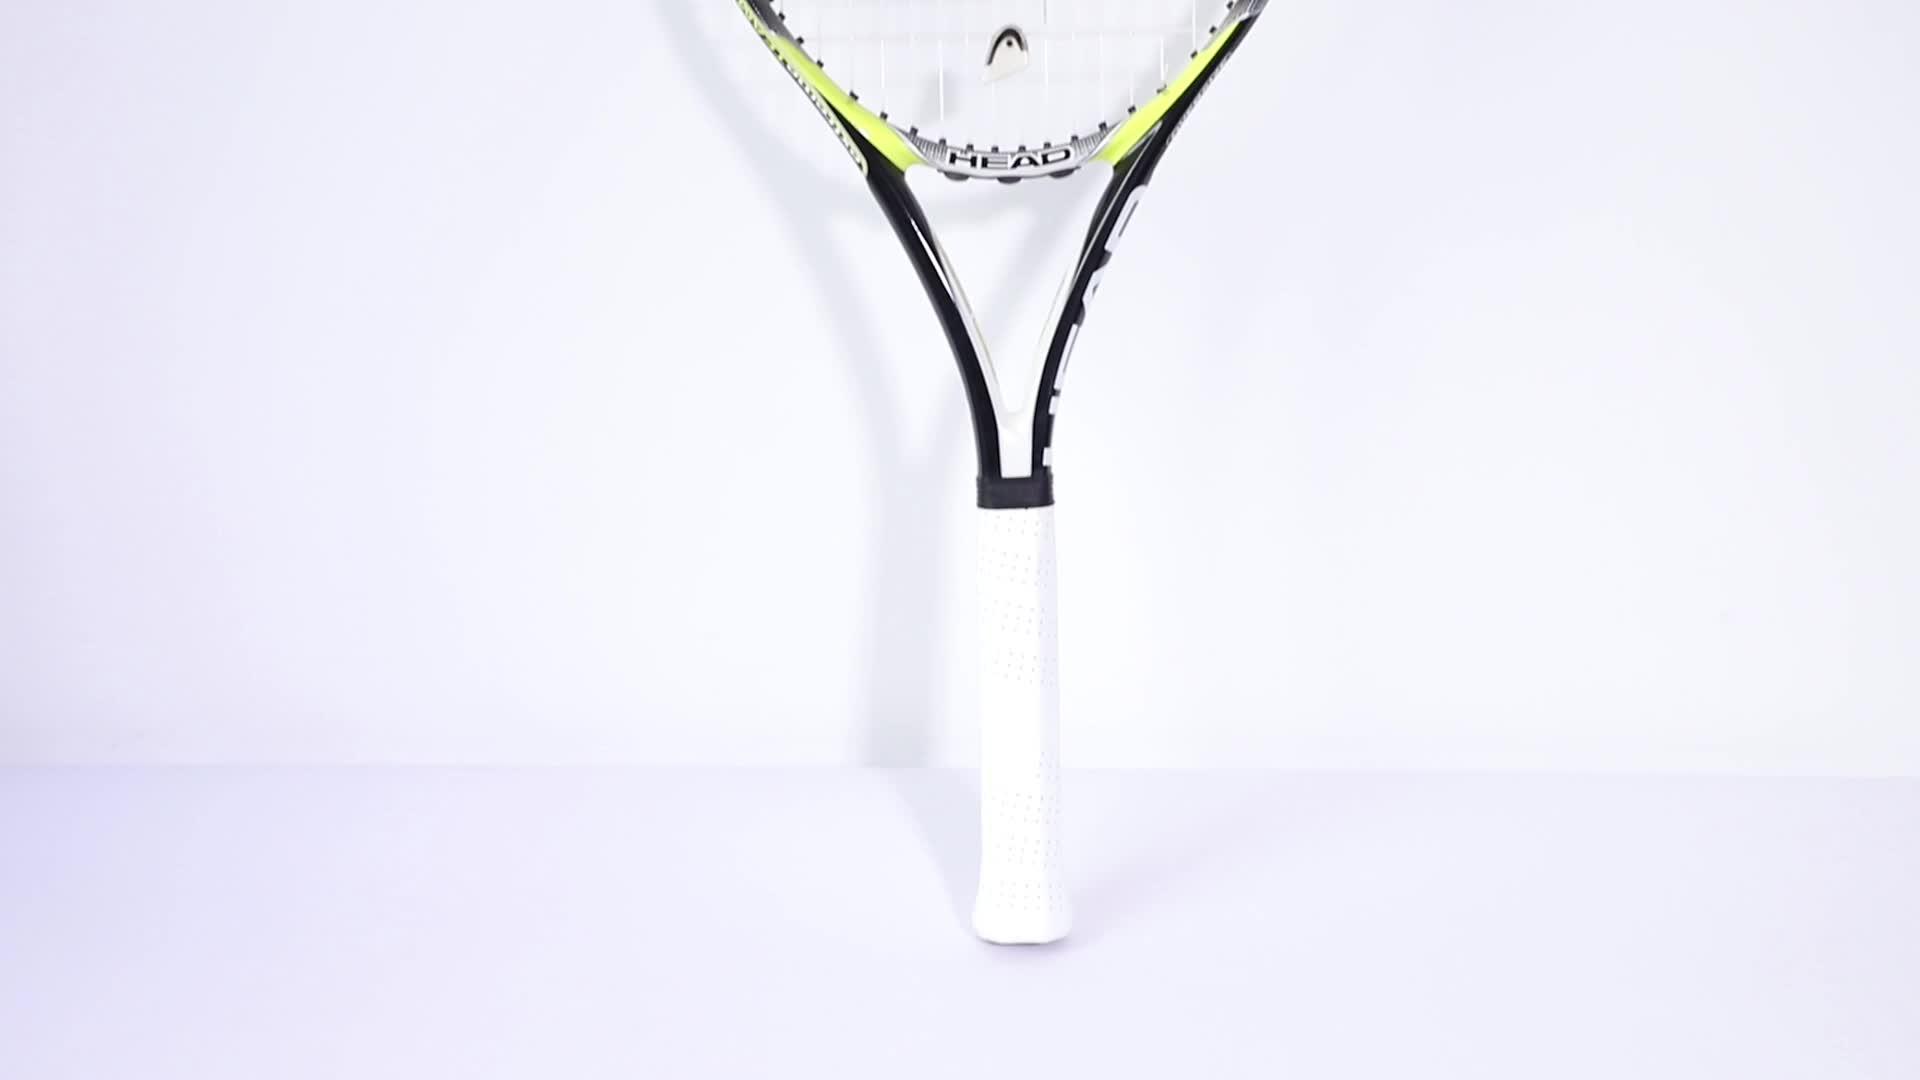 Cina Produsen Hiburan Olahraga Dalam Ruangan 100% Serat Karbon Tenis Bat